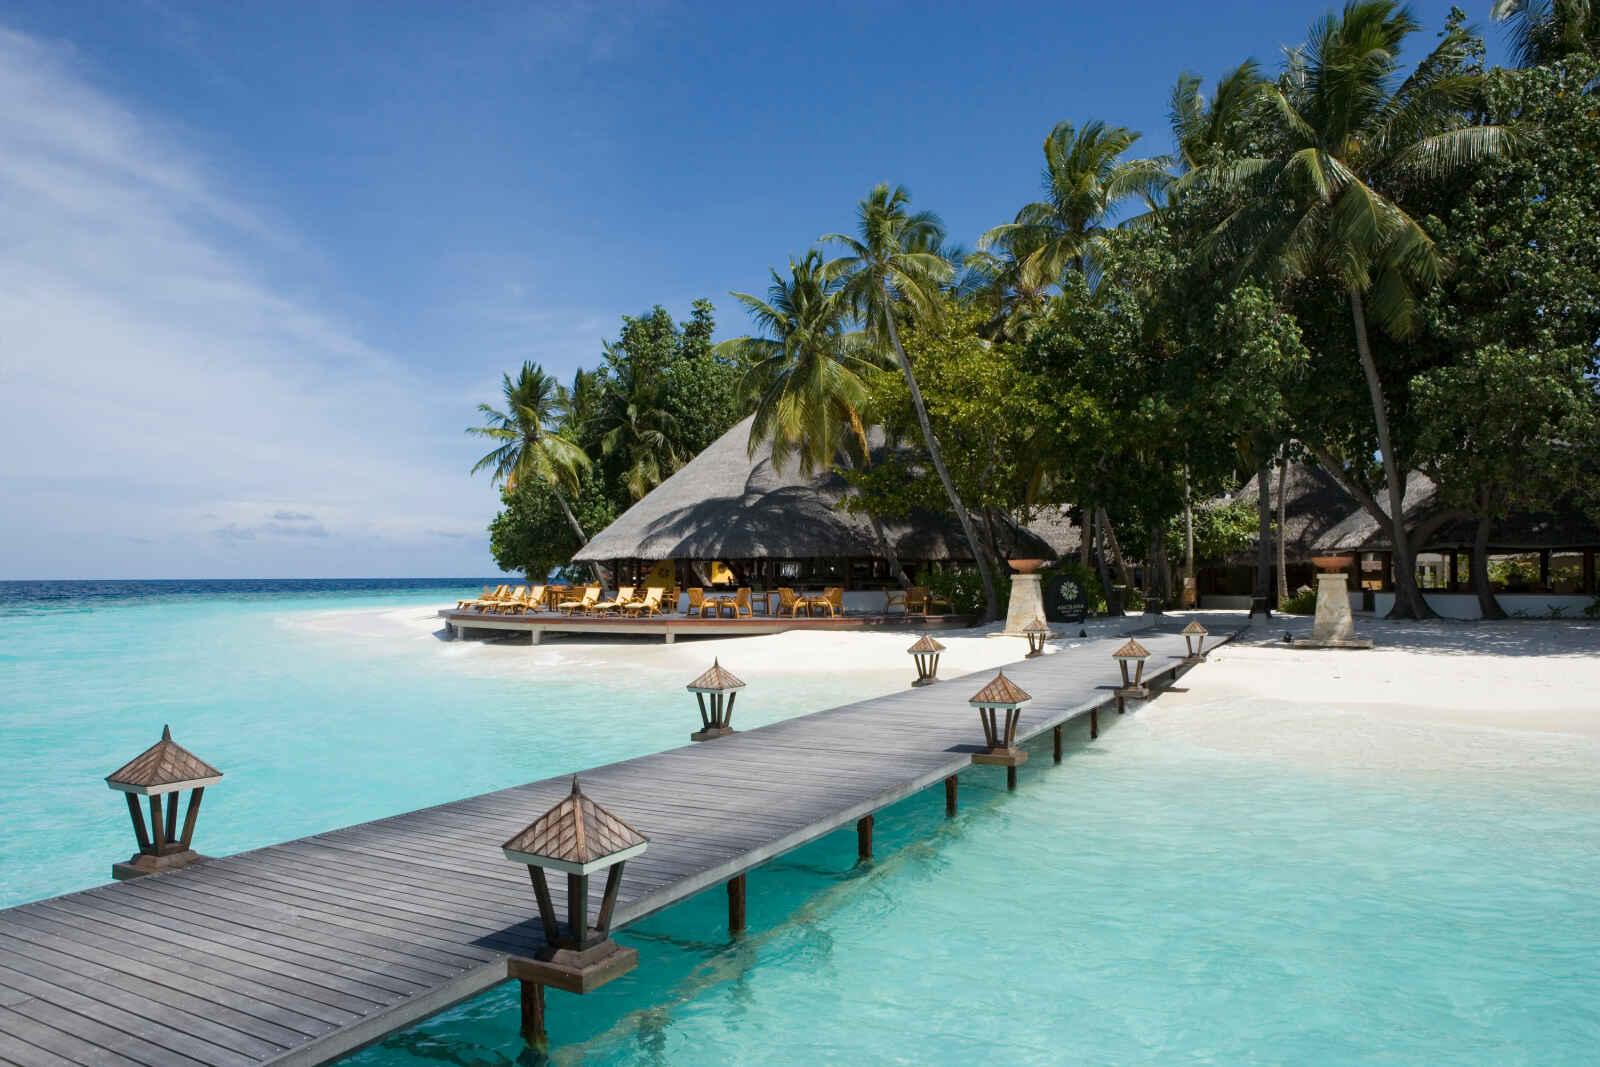 Maldives : Angsana Ihuru